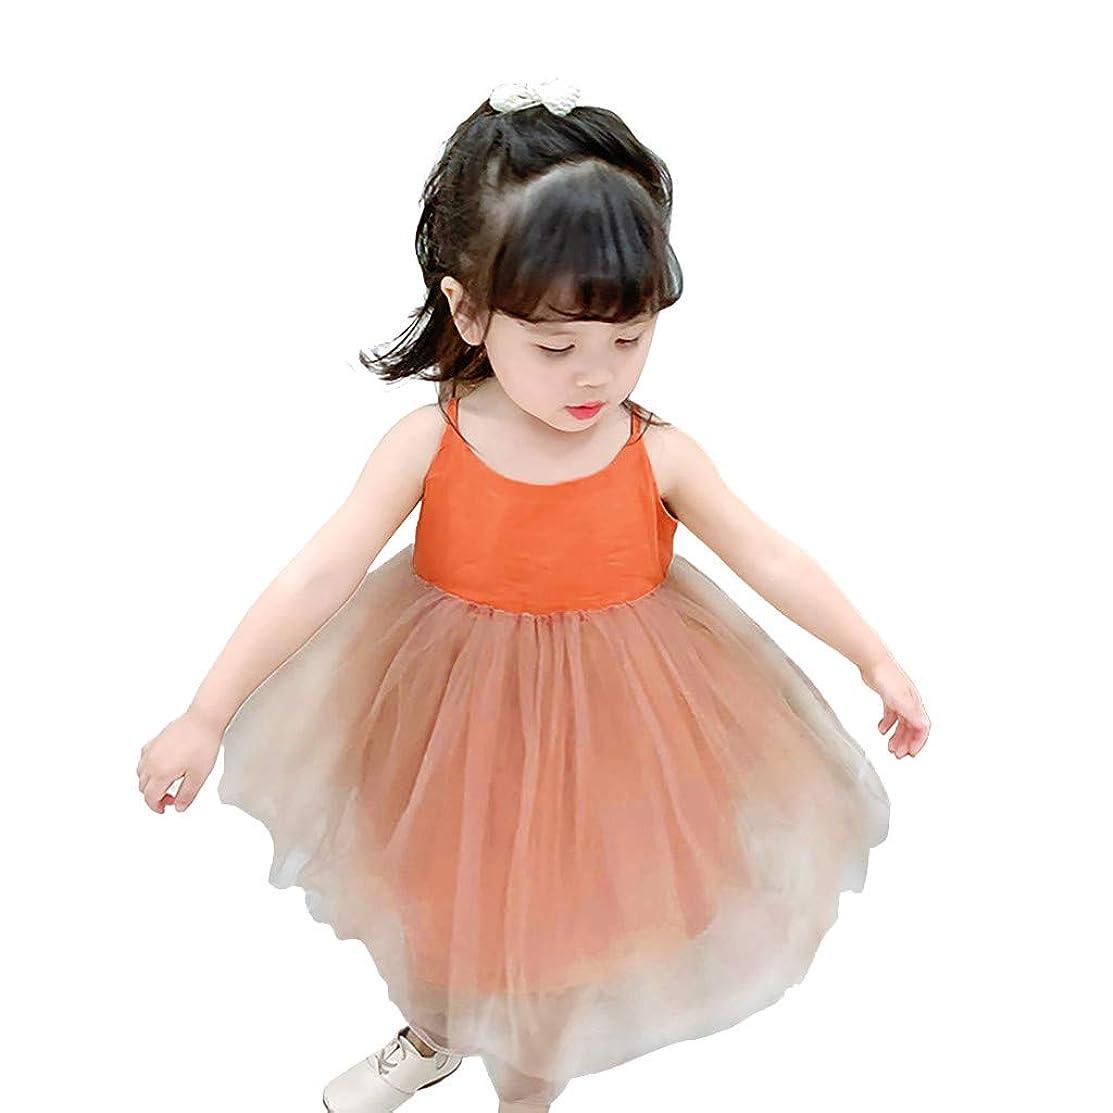 Baby Tutu Dress Girls Toddler Sleeveless Solid Vest Tulle Skirt Backless Dresses,SIN vimklo